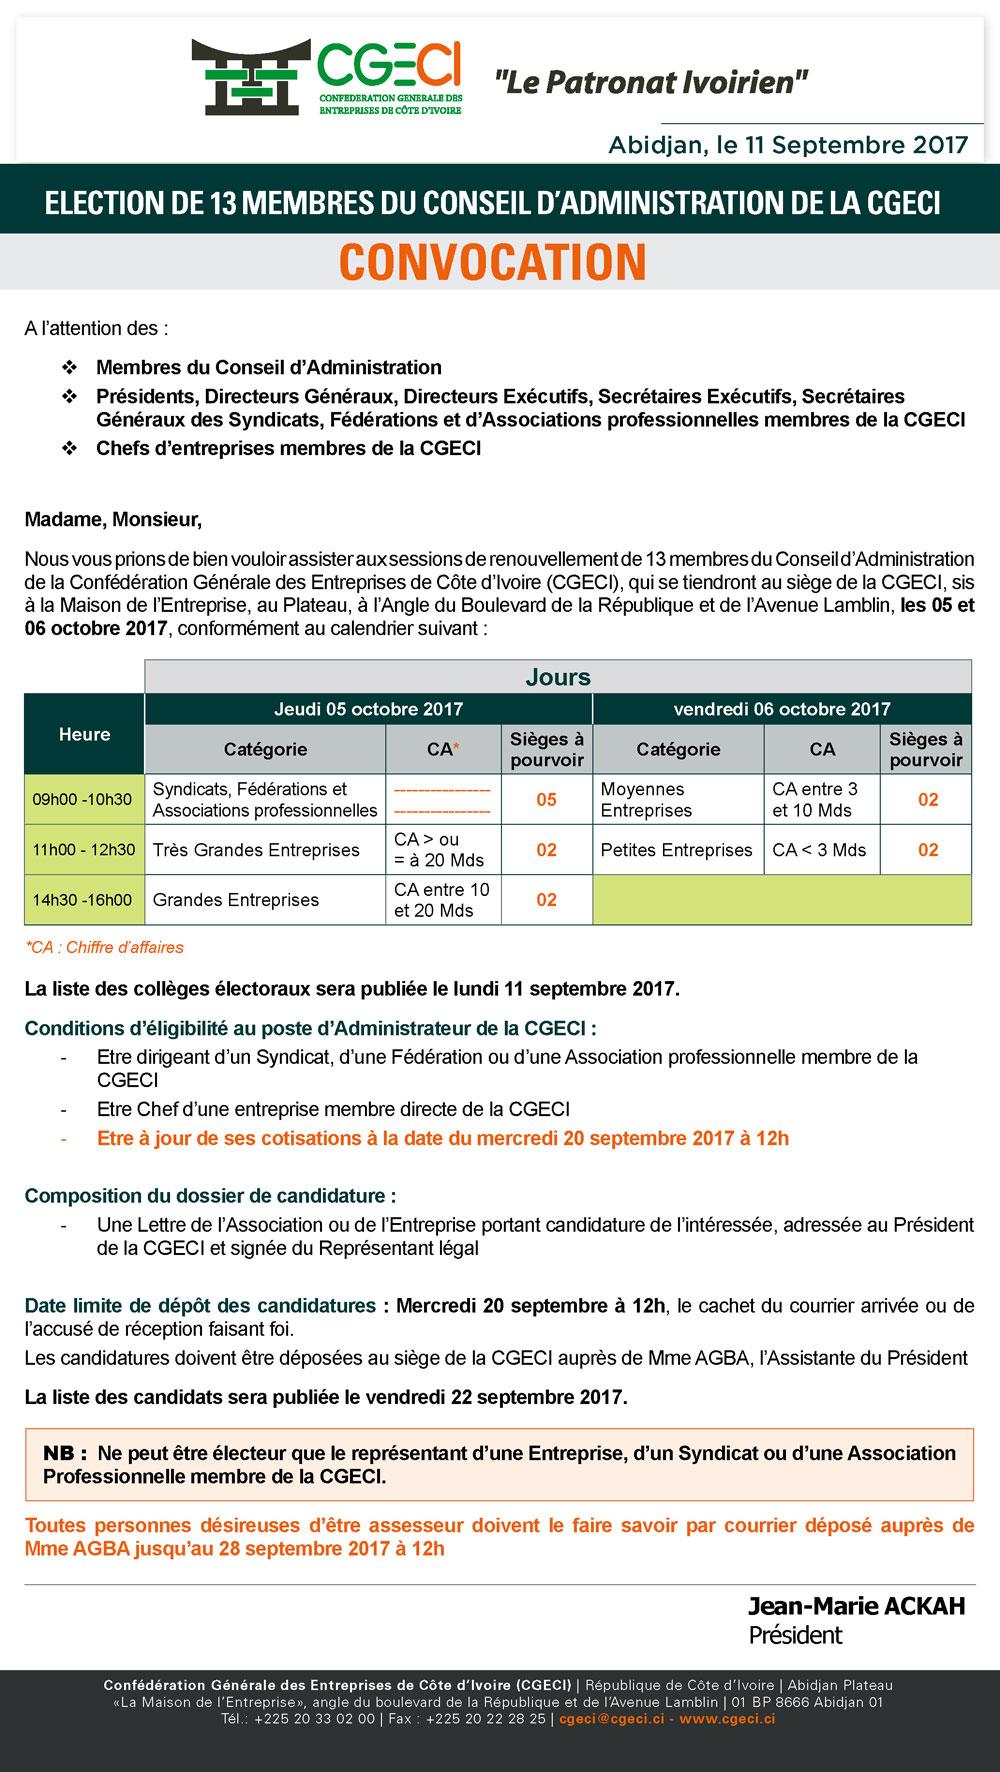 CONVOCATION POUR L'ELECTION DE 13 MEMBRES DU CONSEIL D' ADMINISTRATION DE LA CGECI